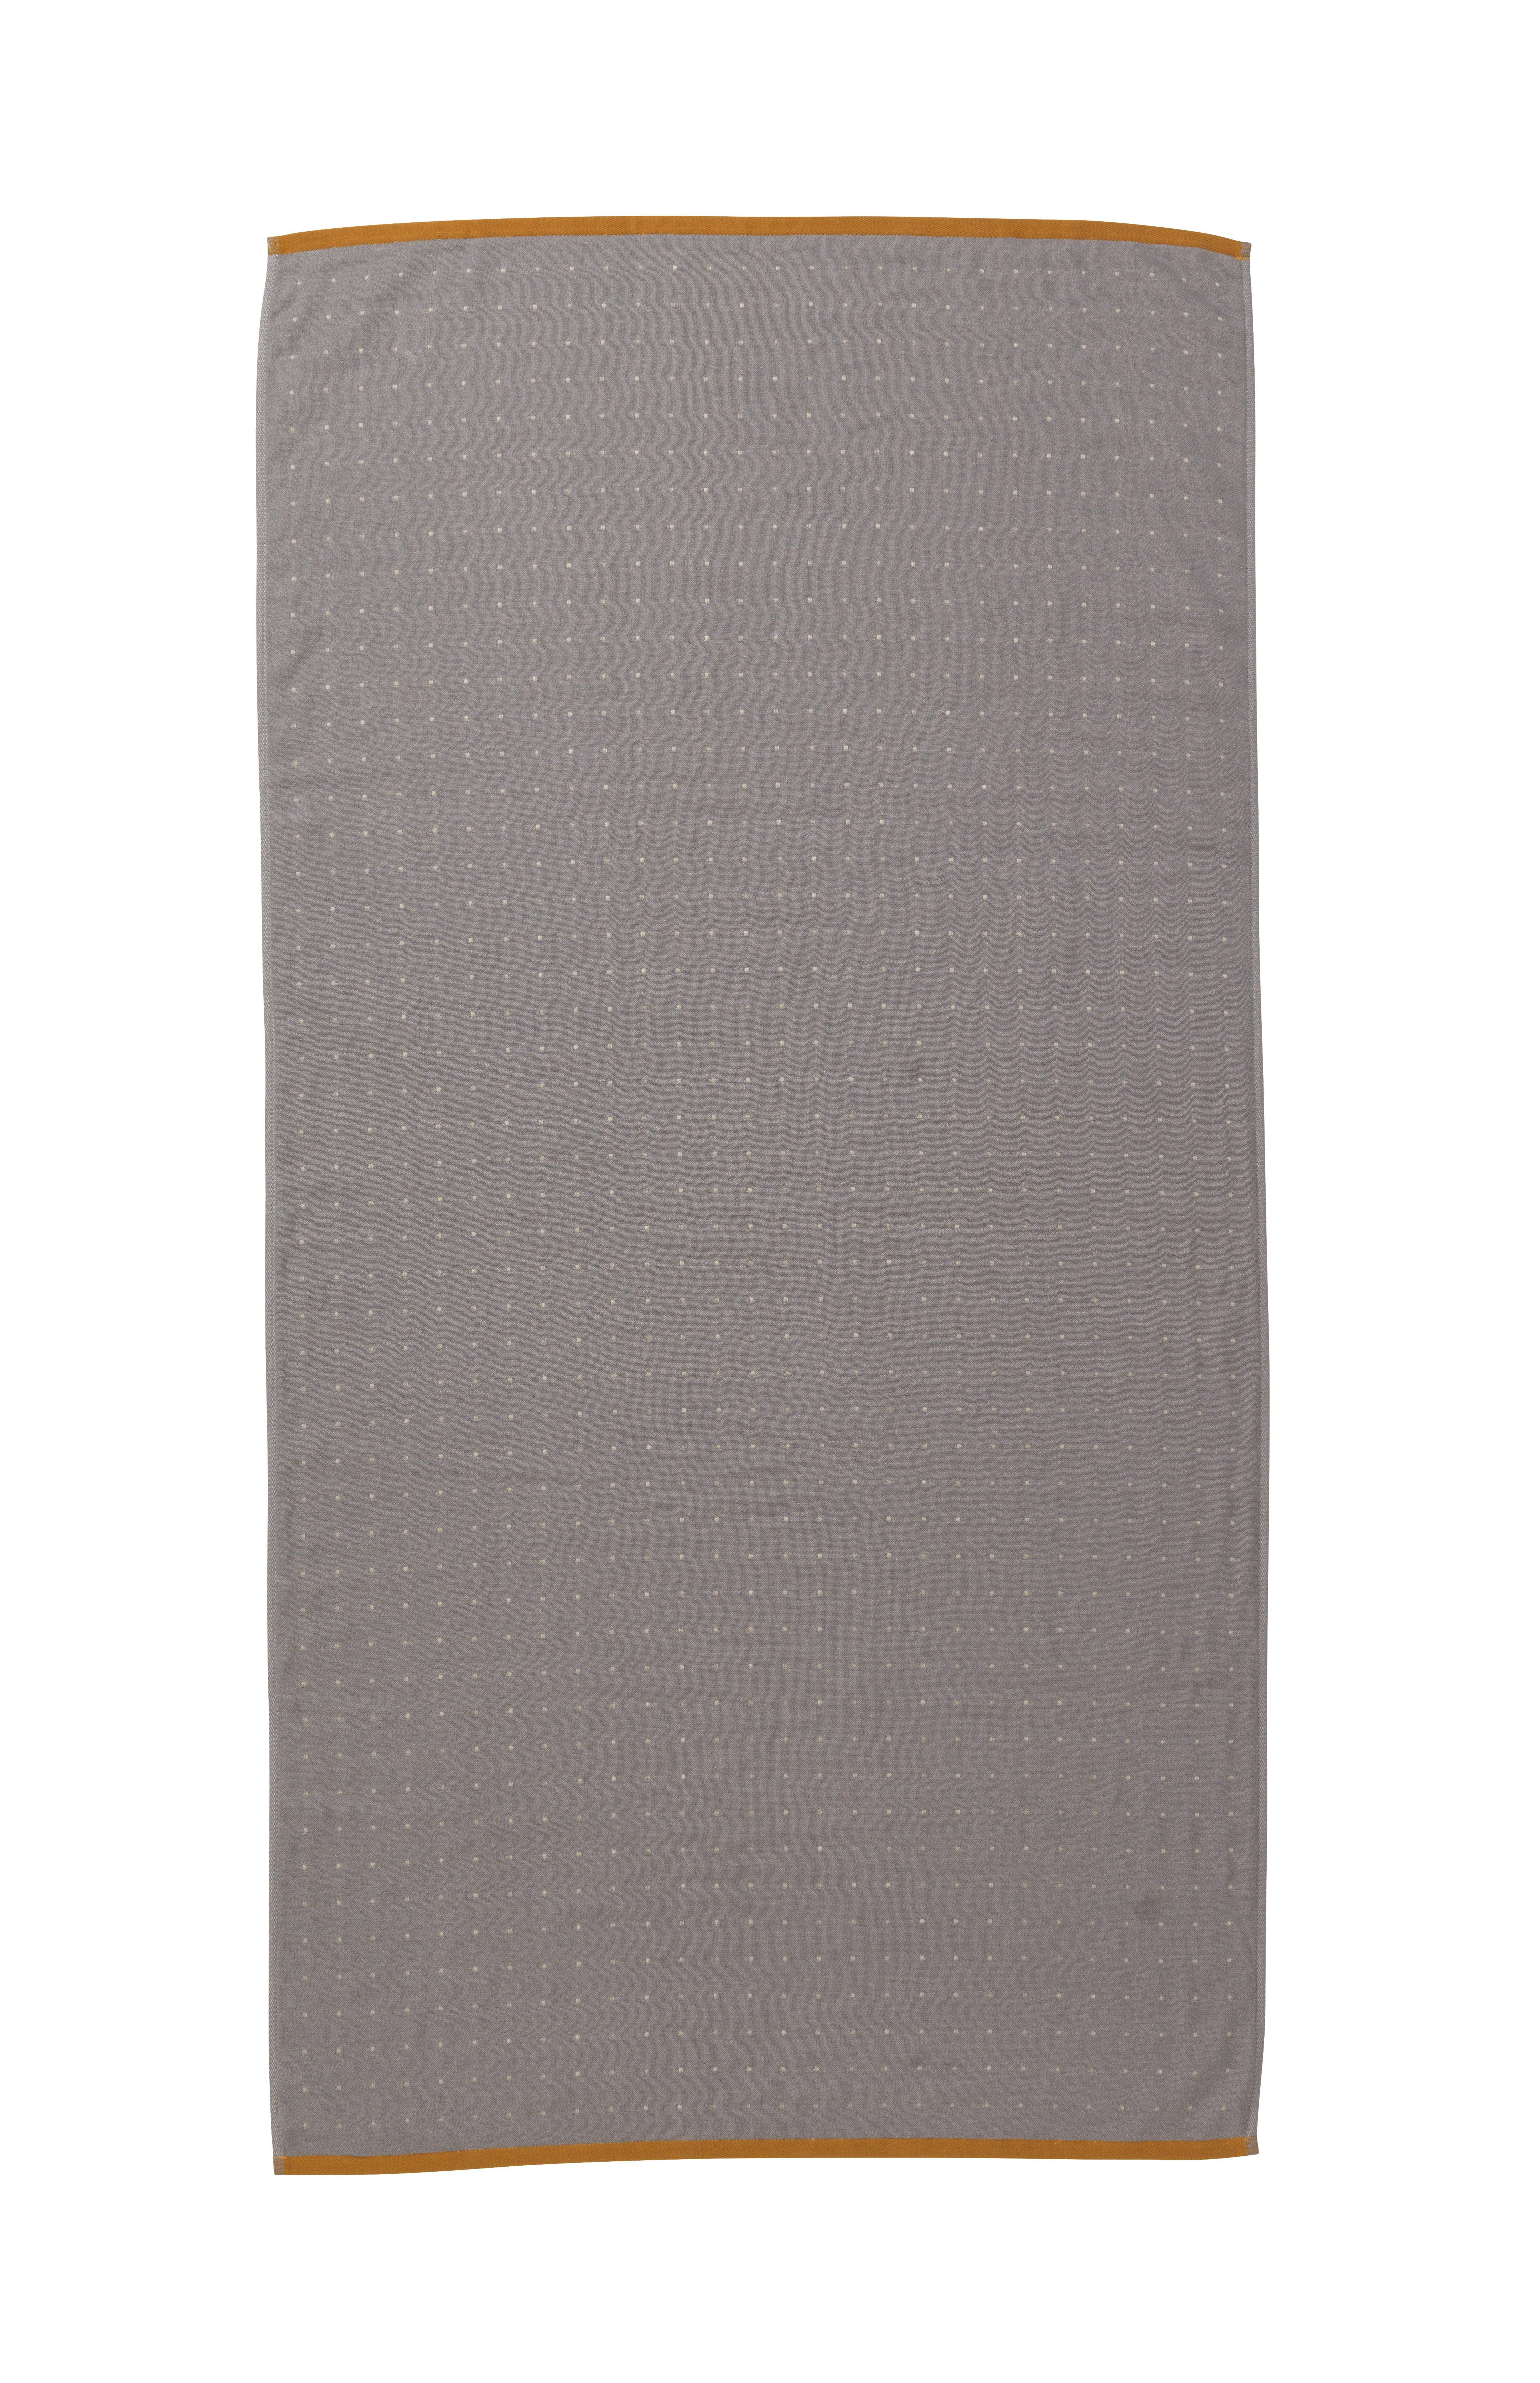 Déco - Textile - Drap de bain Sento / Organic - 140 x 70 cm - Ferm Living - Gris - Coton